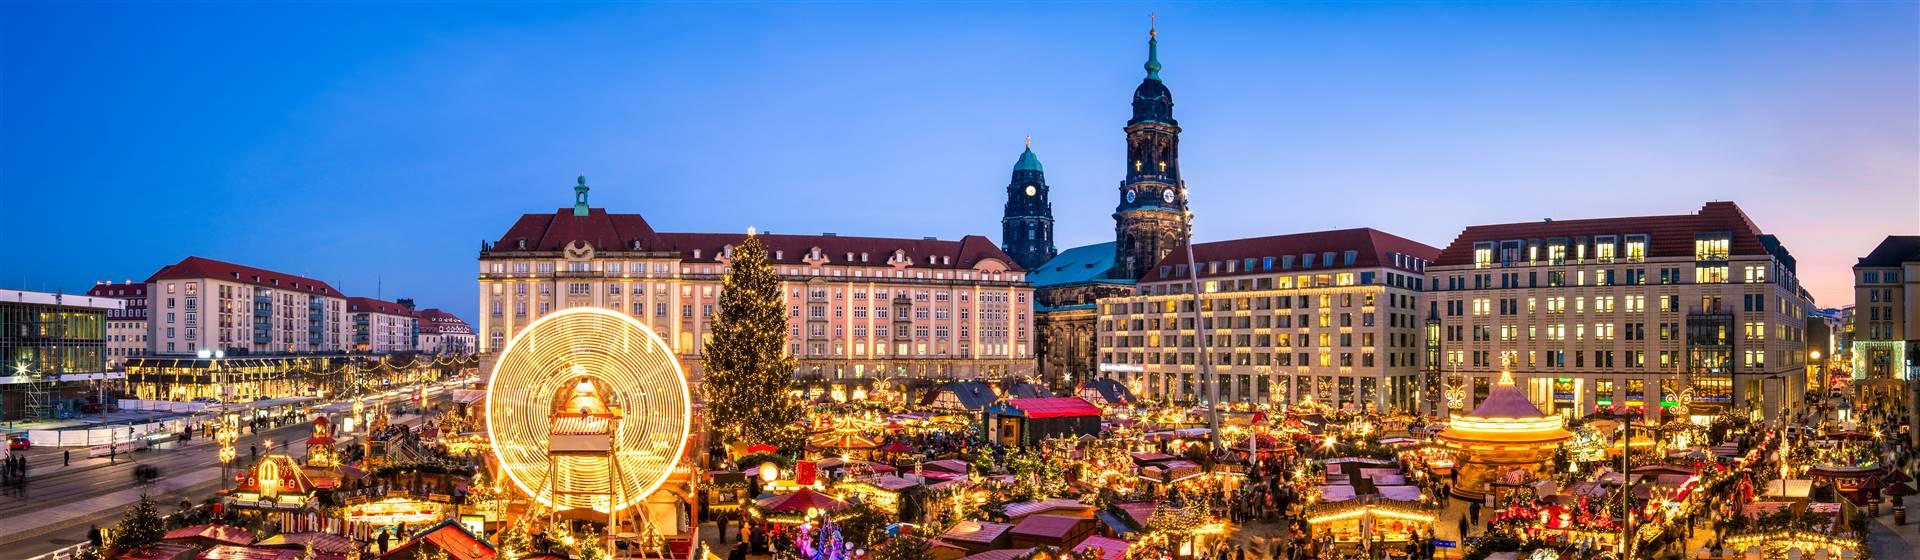 """<img src=""""stfss2020-adobestock_226502175.jpeg"""" alt=""""Dresden Chrismas Market""""/>"""